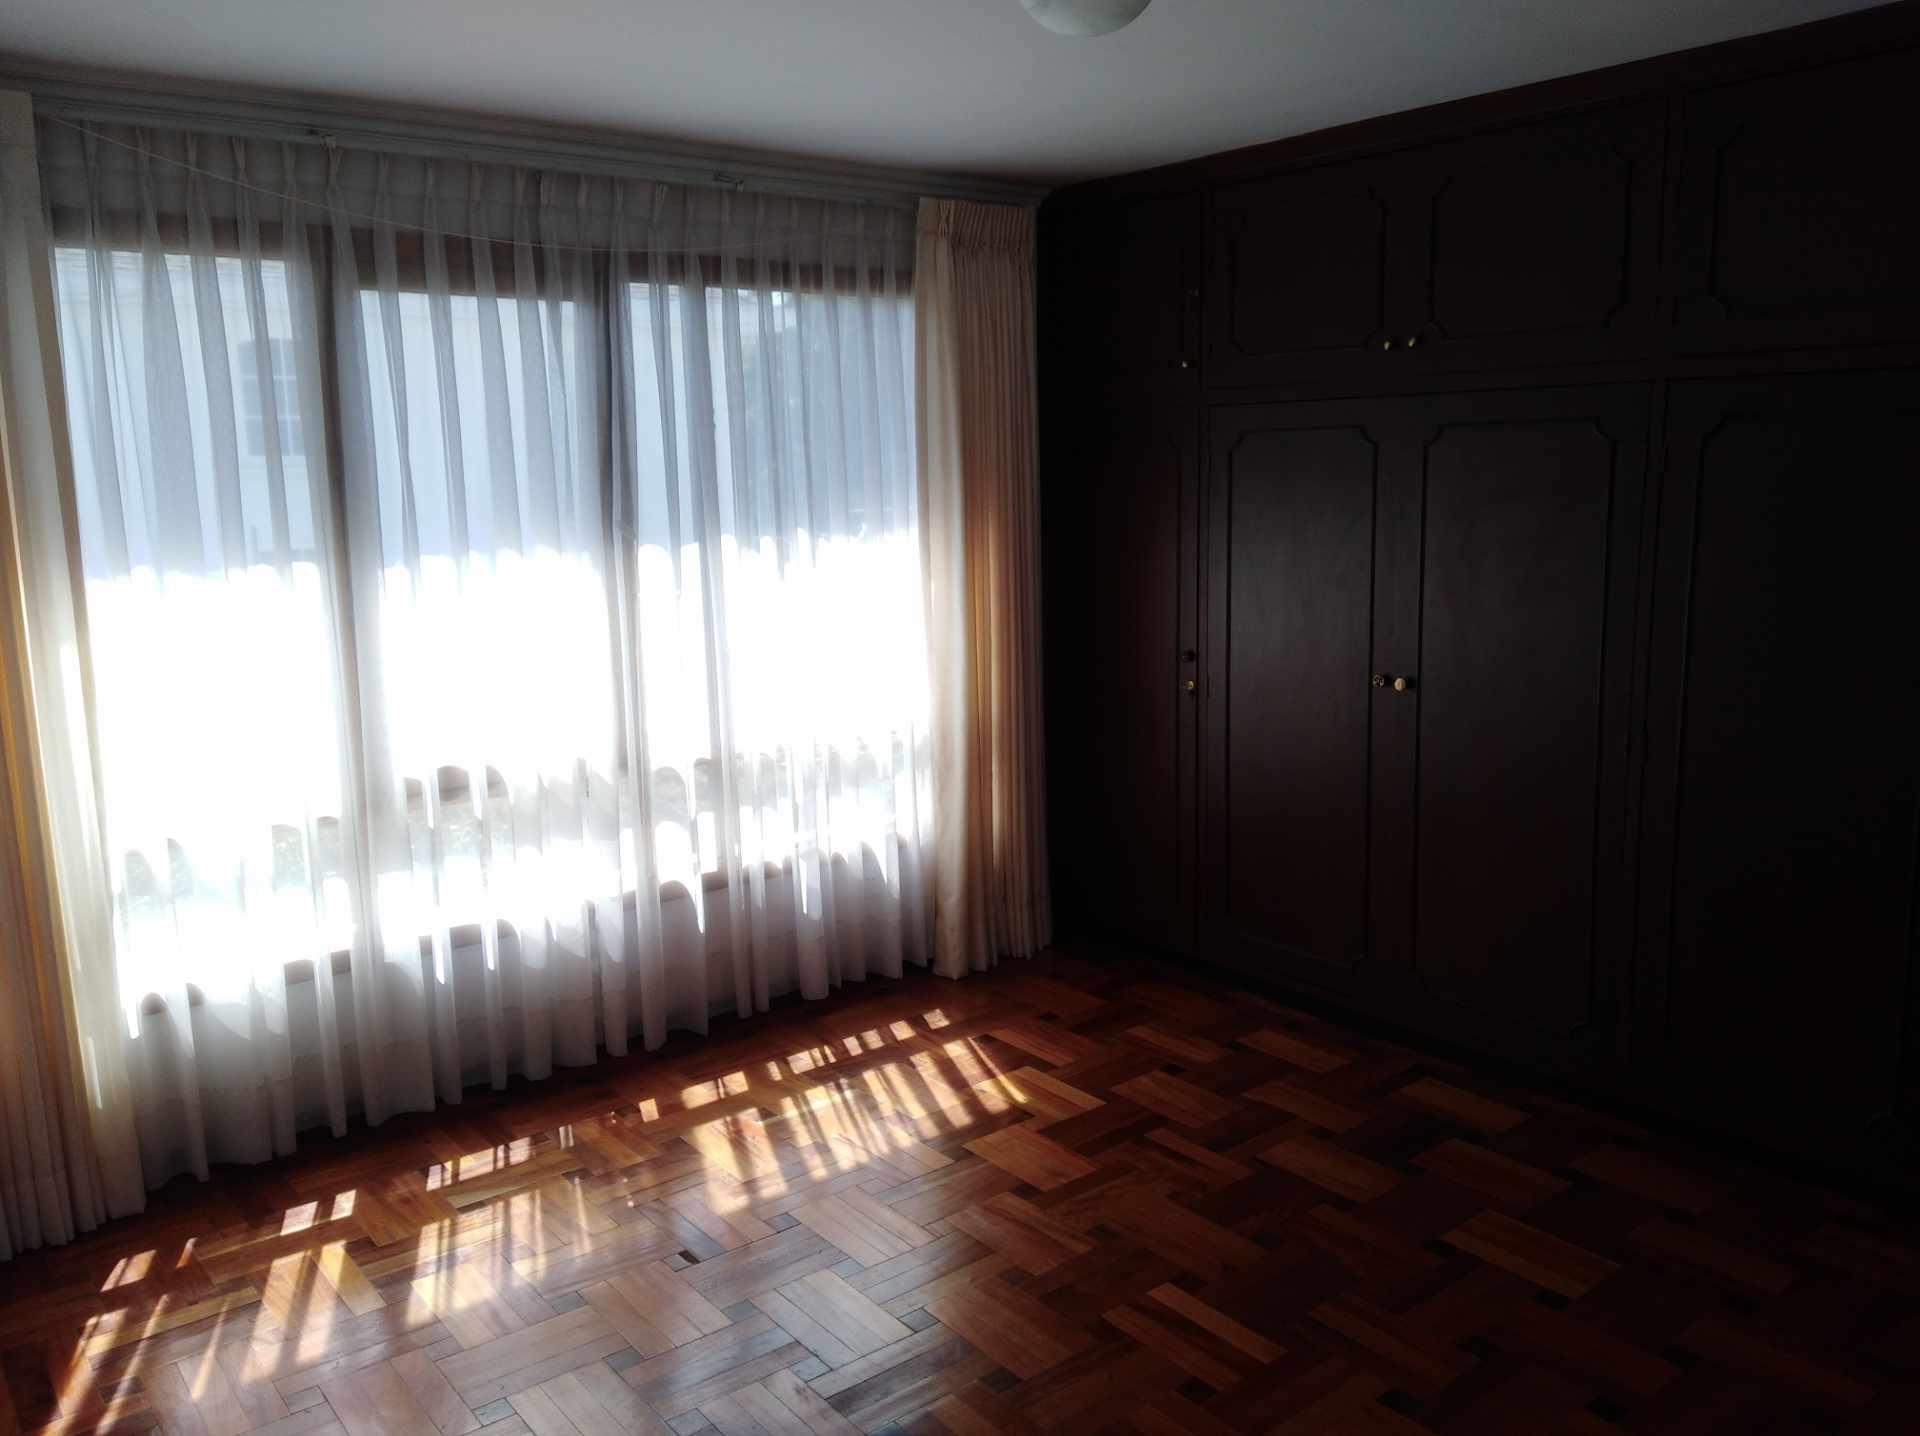 Casa en Alquiler CALACOTO calle 16 a 1/2 cuadra de la Av. Julio C. Patiño.  Foto 47